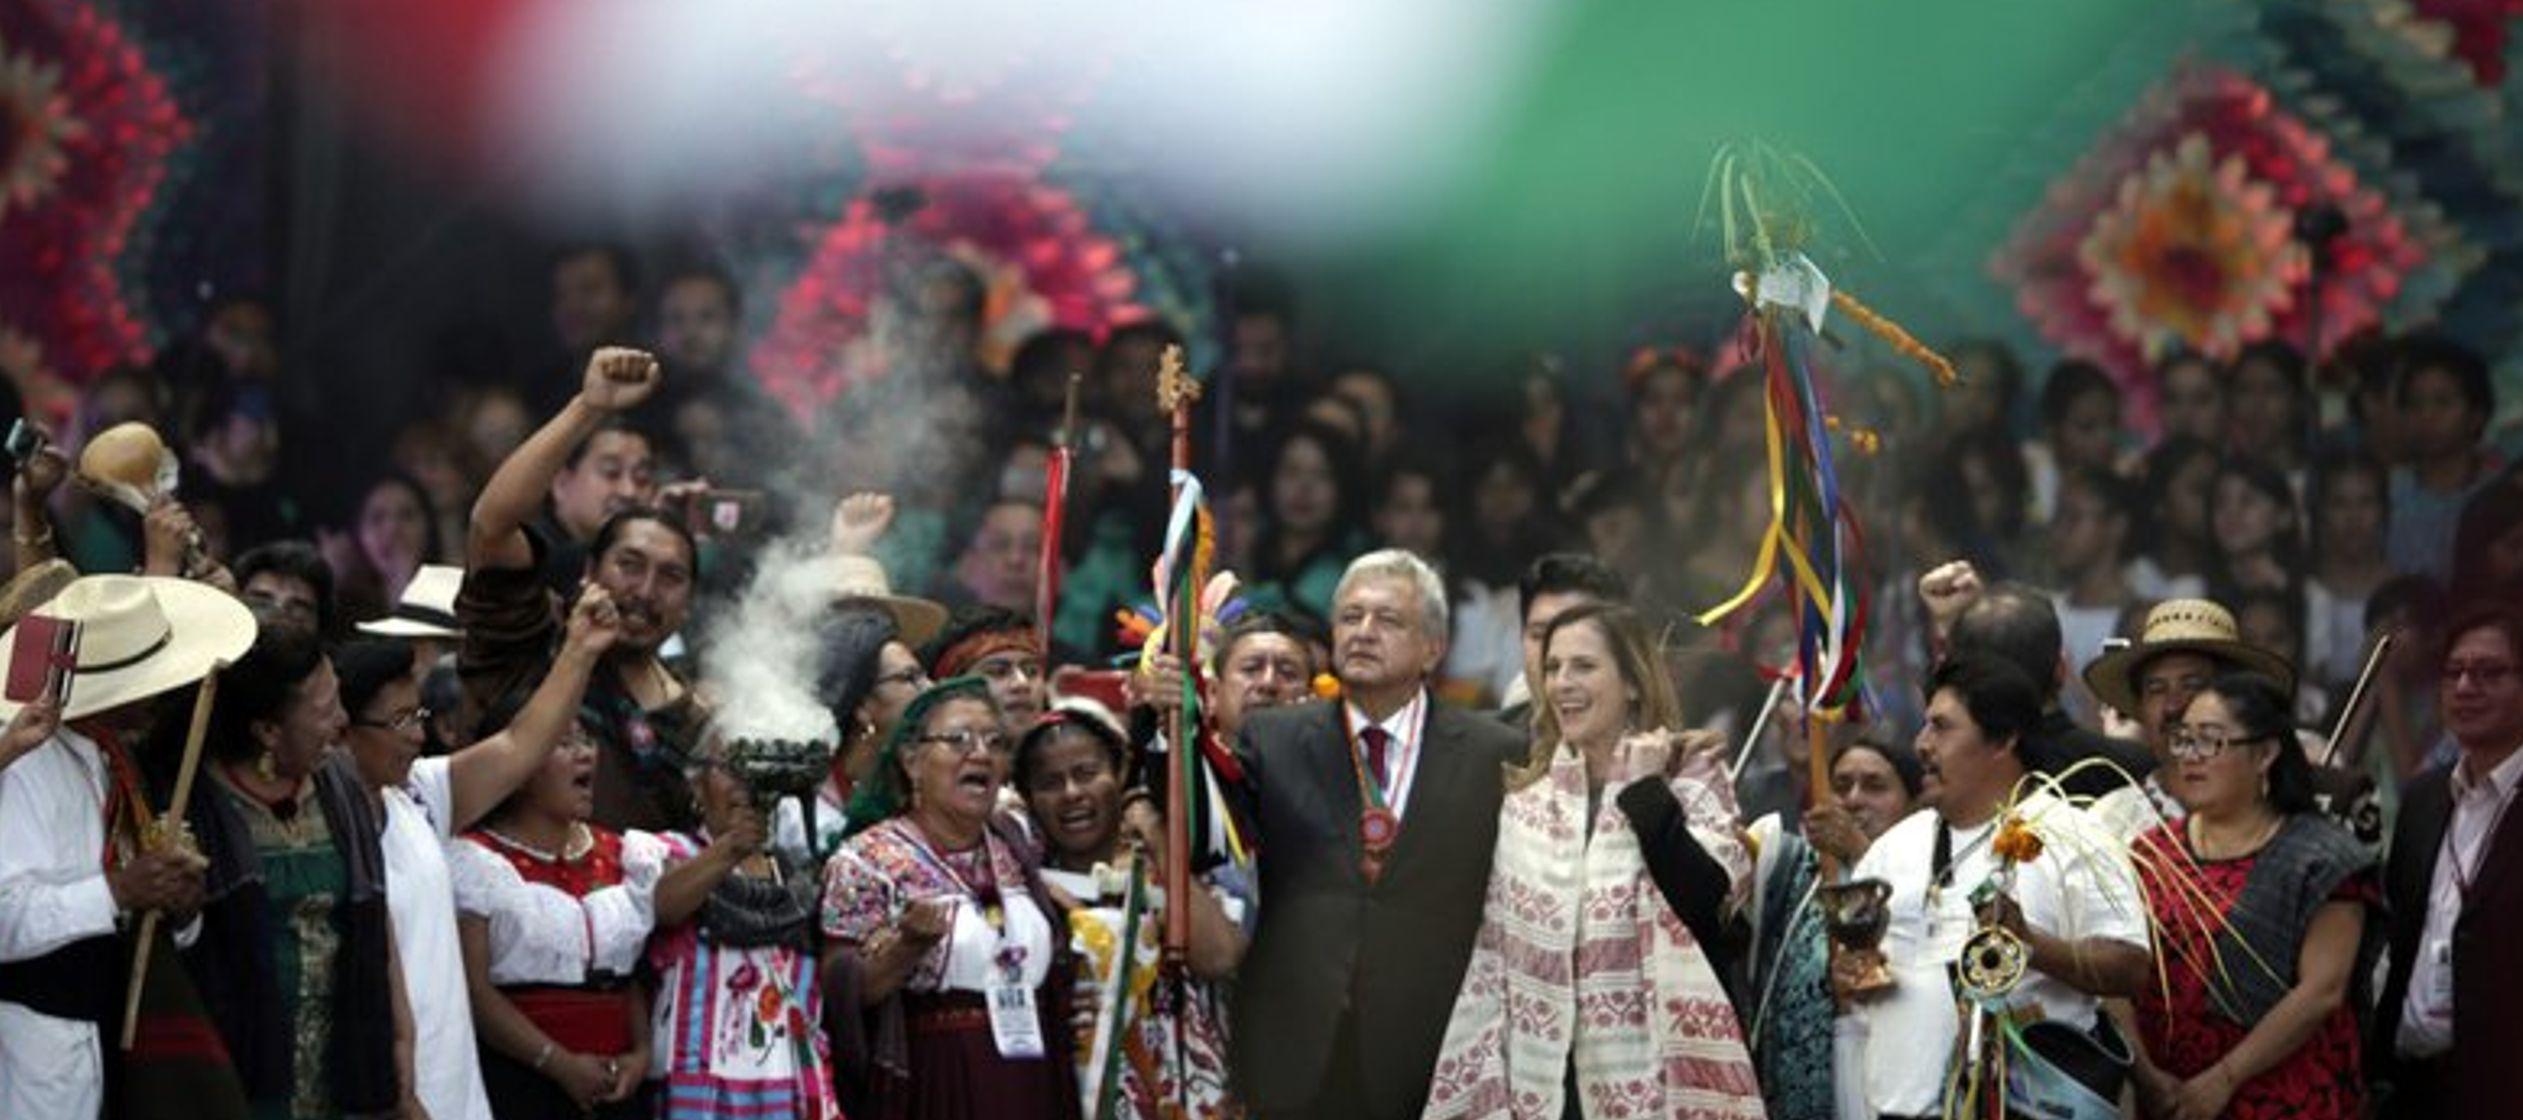 López Obrador prestó juramento a su cargo el sábado. Más de 30 millones...